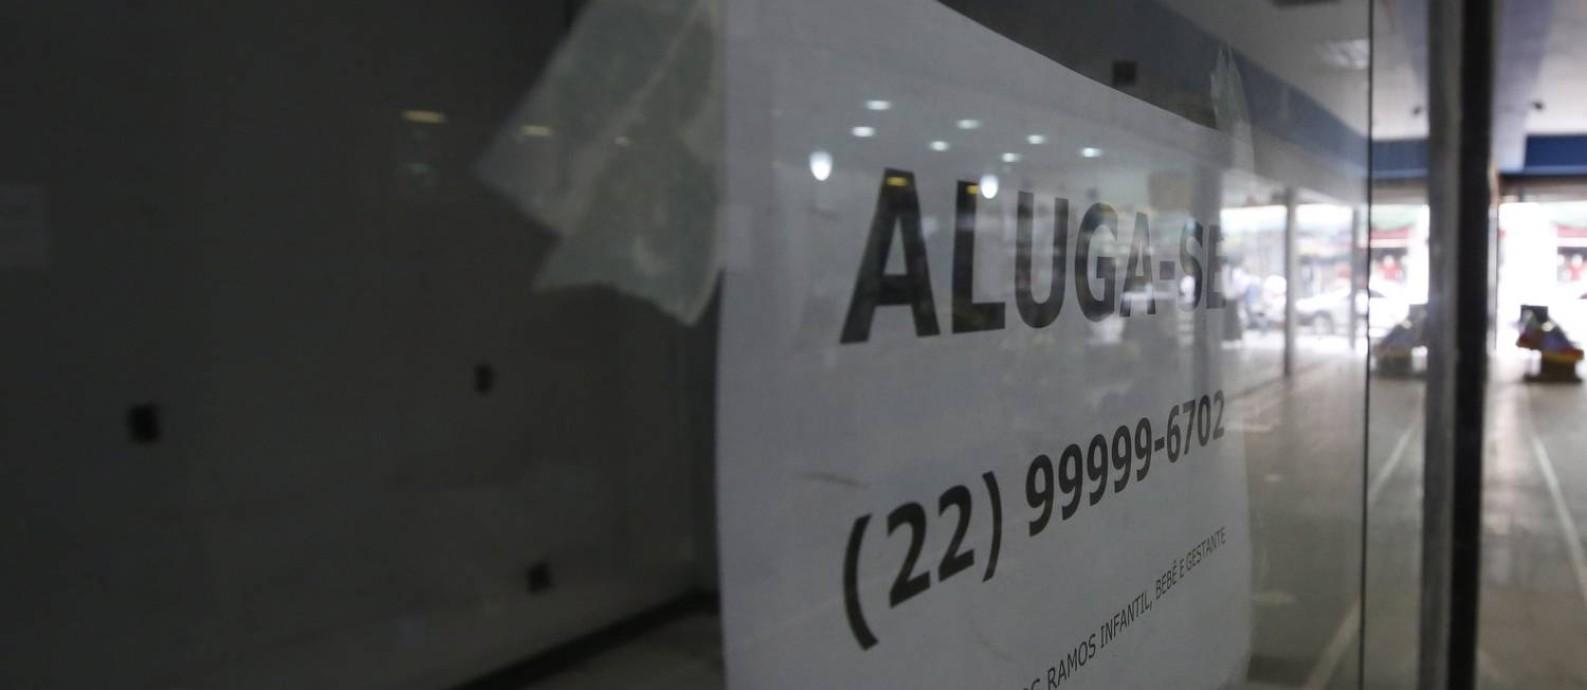 Loja fechada na cidade de Macaé, que está com obras do aeroporto fora do prazo de entrega, muitas lojas fechadas e desemprego Foto: Pablo Jacob - 02/05/2017 / Agência O Globo